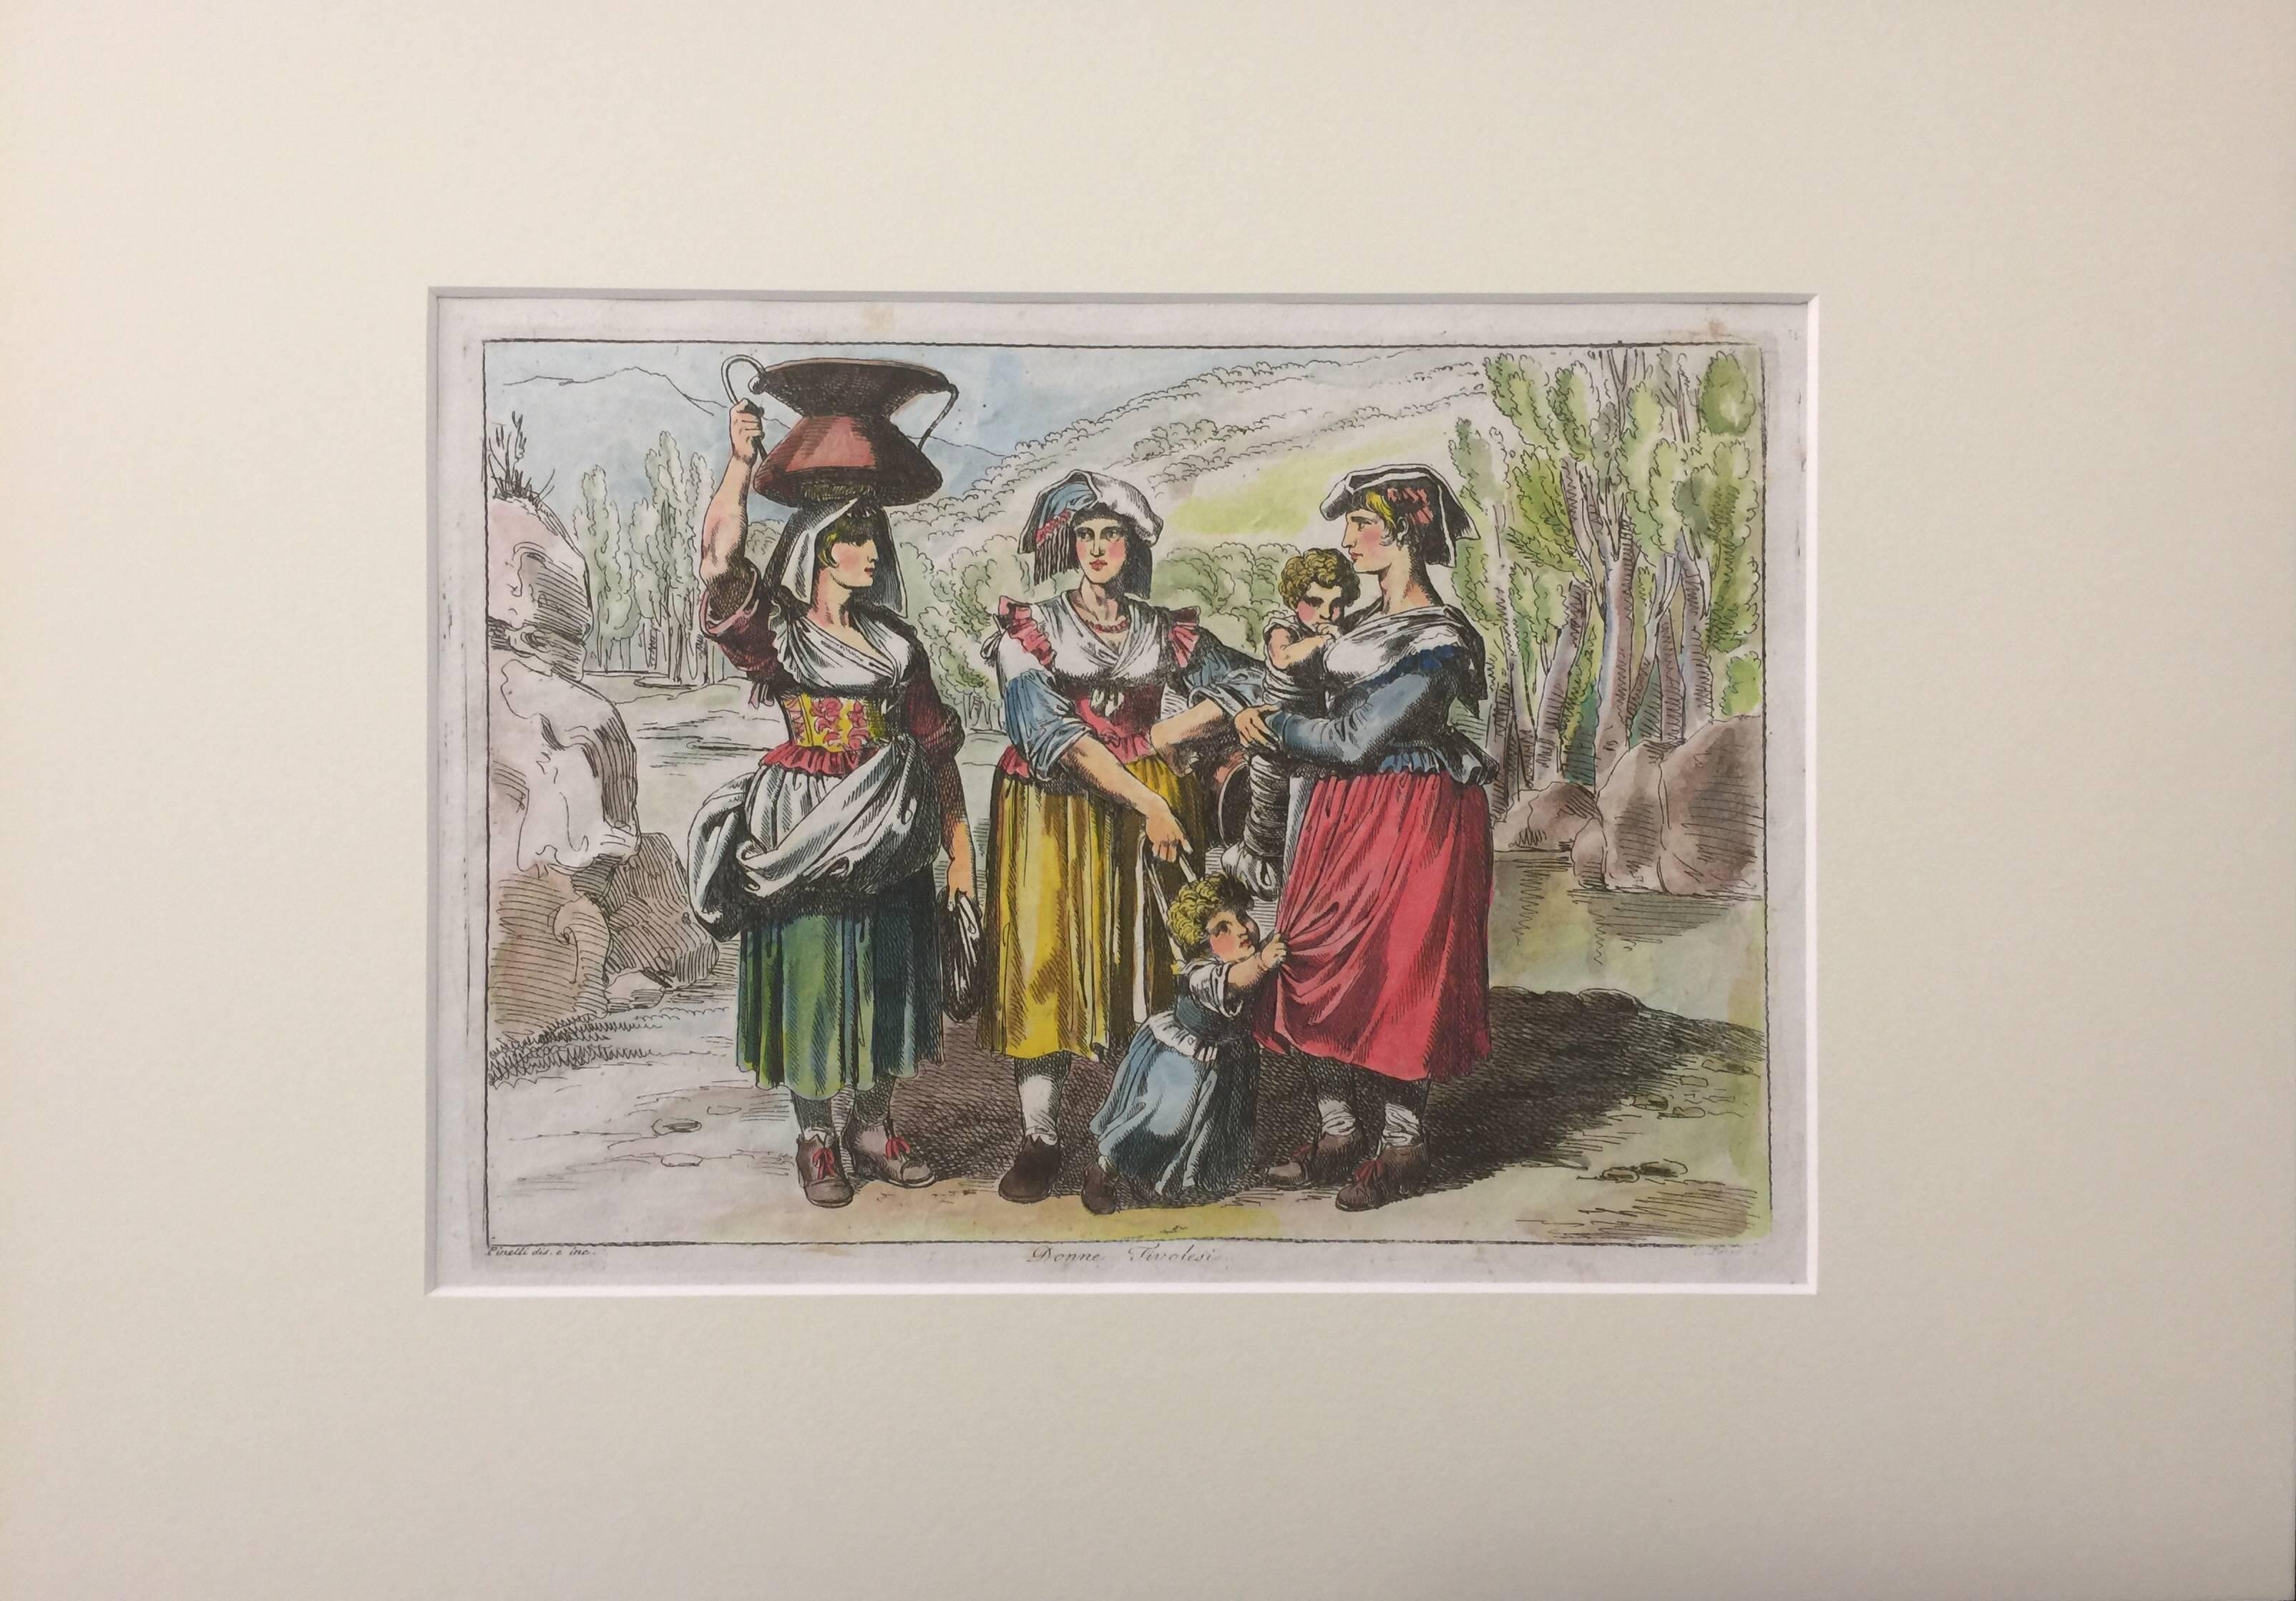 Donne Tirolesi - Original Etching - 1809